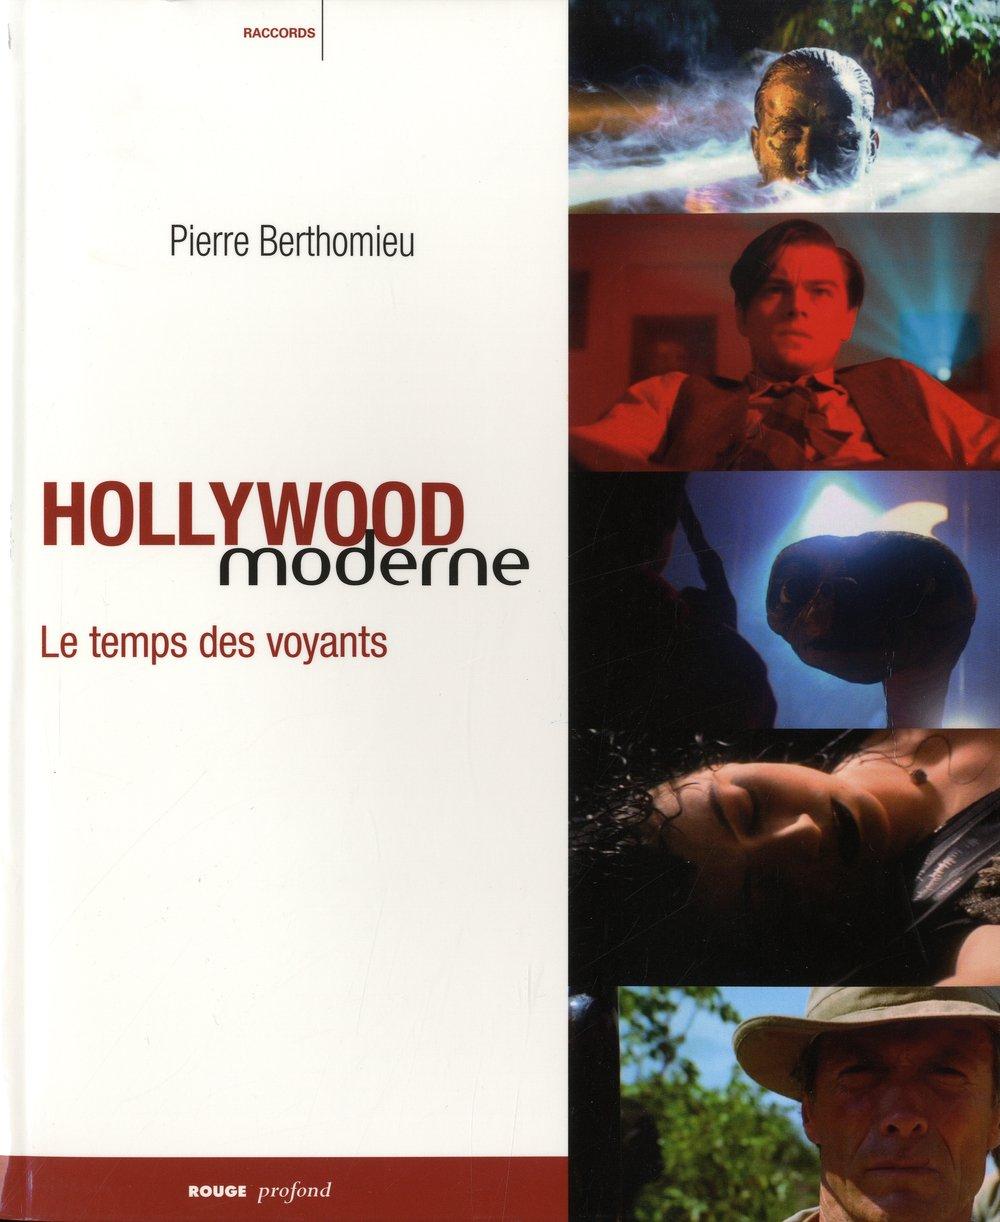 Libros sobre cine - Página 3 71mBatLq1VL